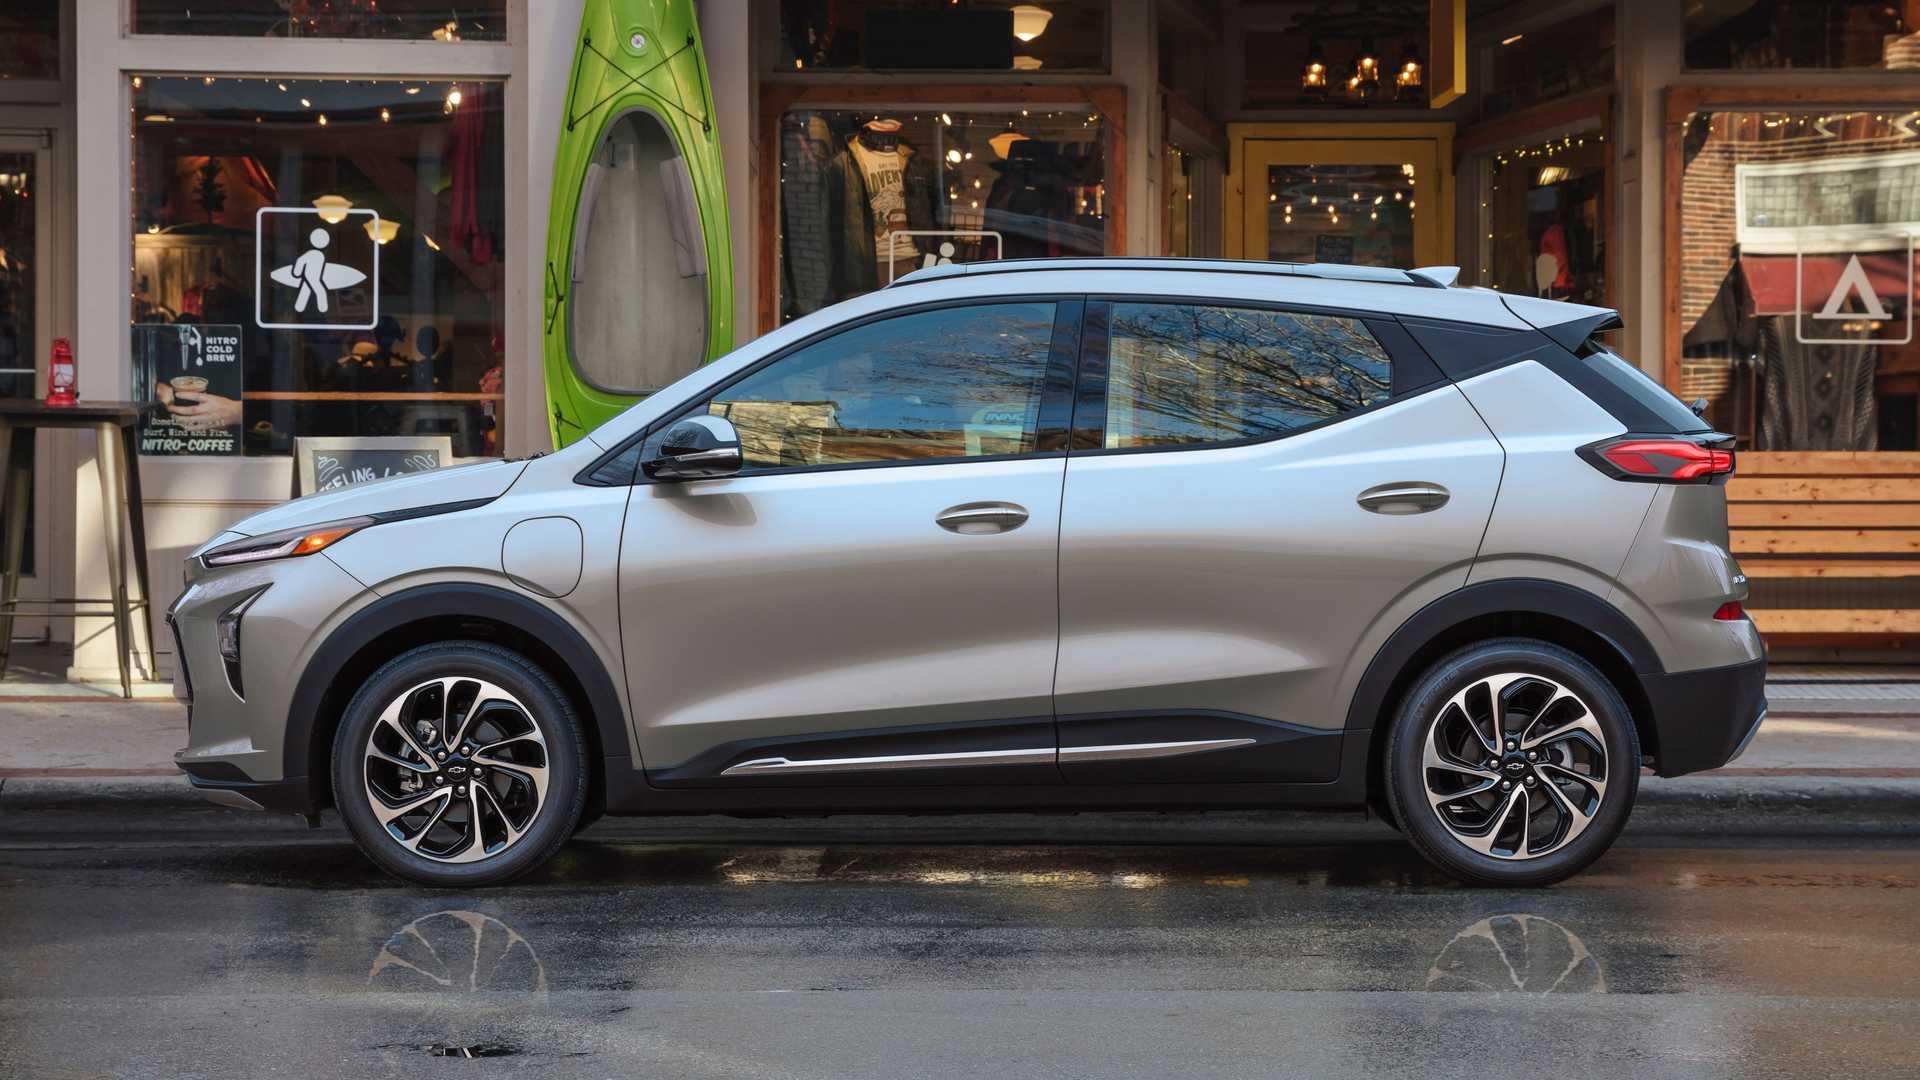 Chevrolet Bolt Side